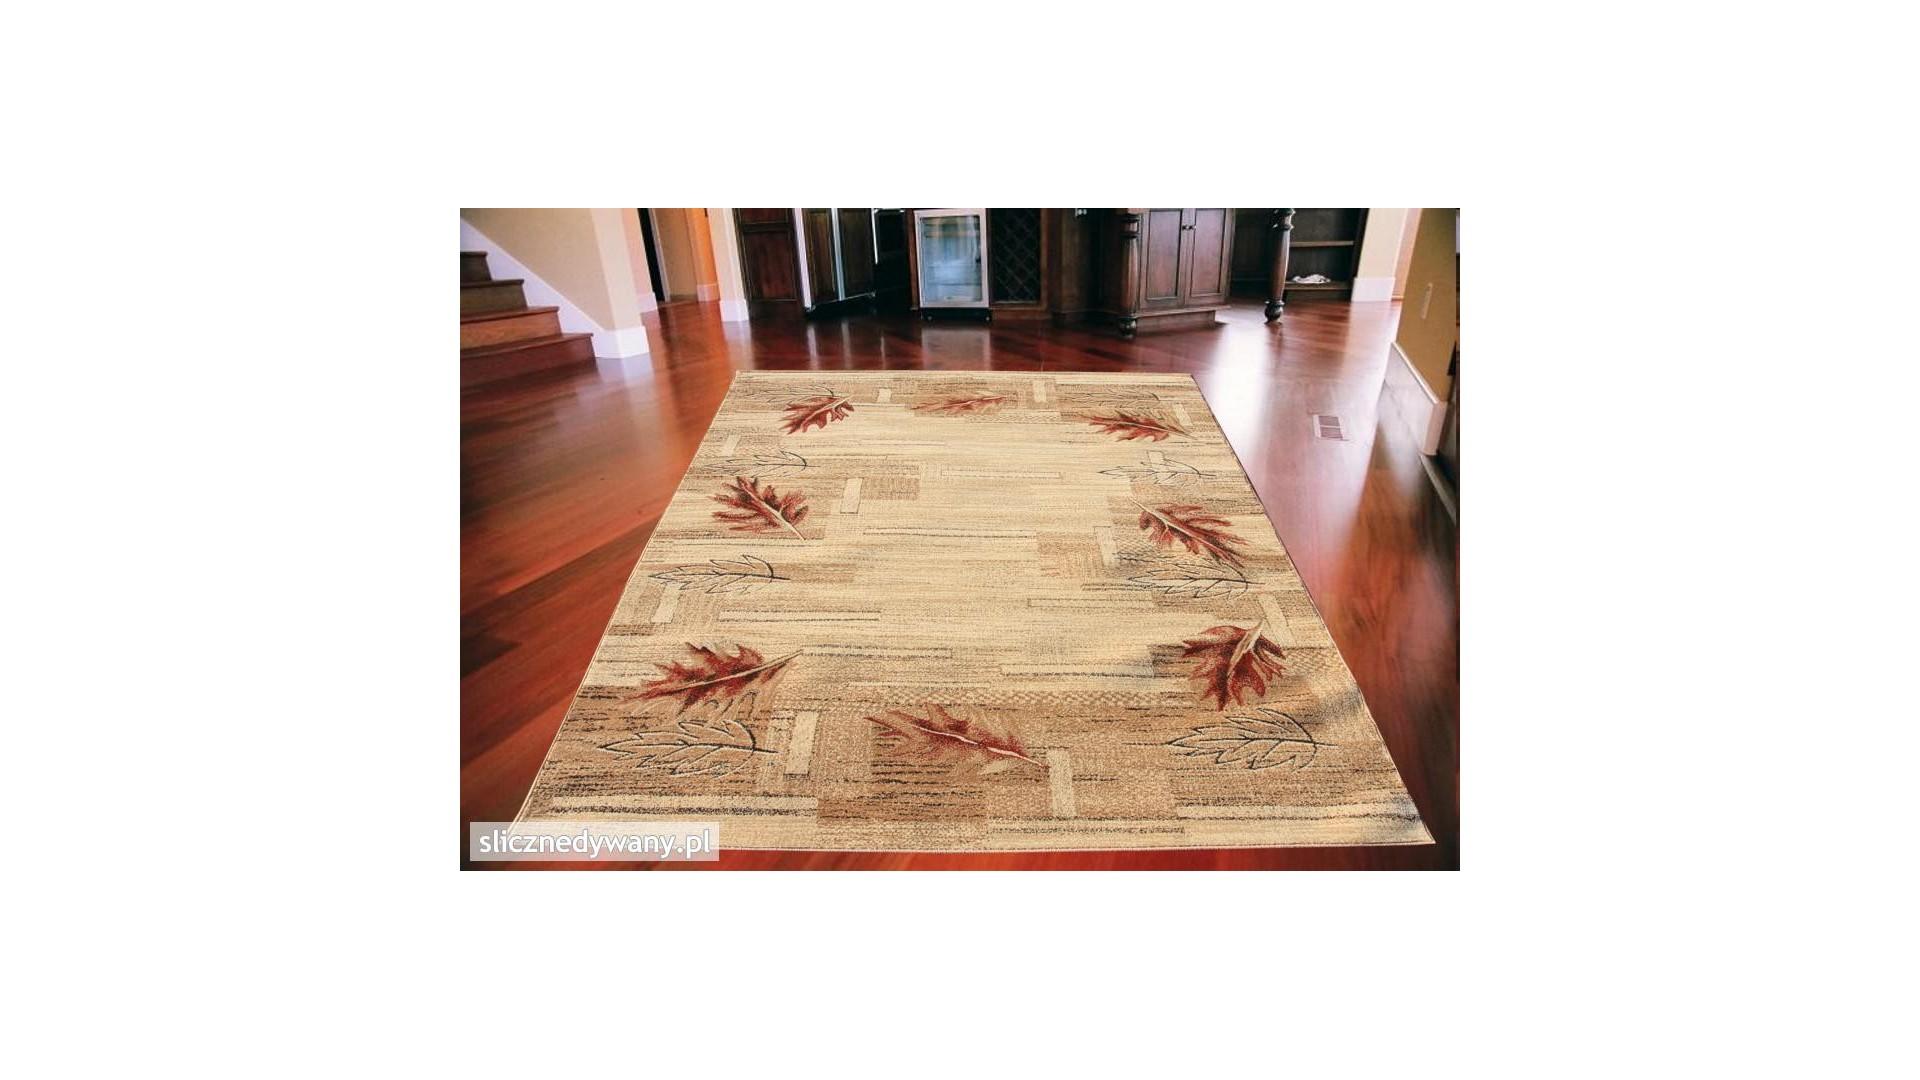 Piękne, jasne barwy dywanu.